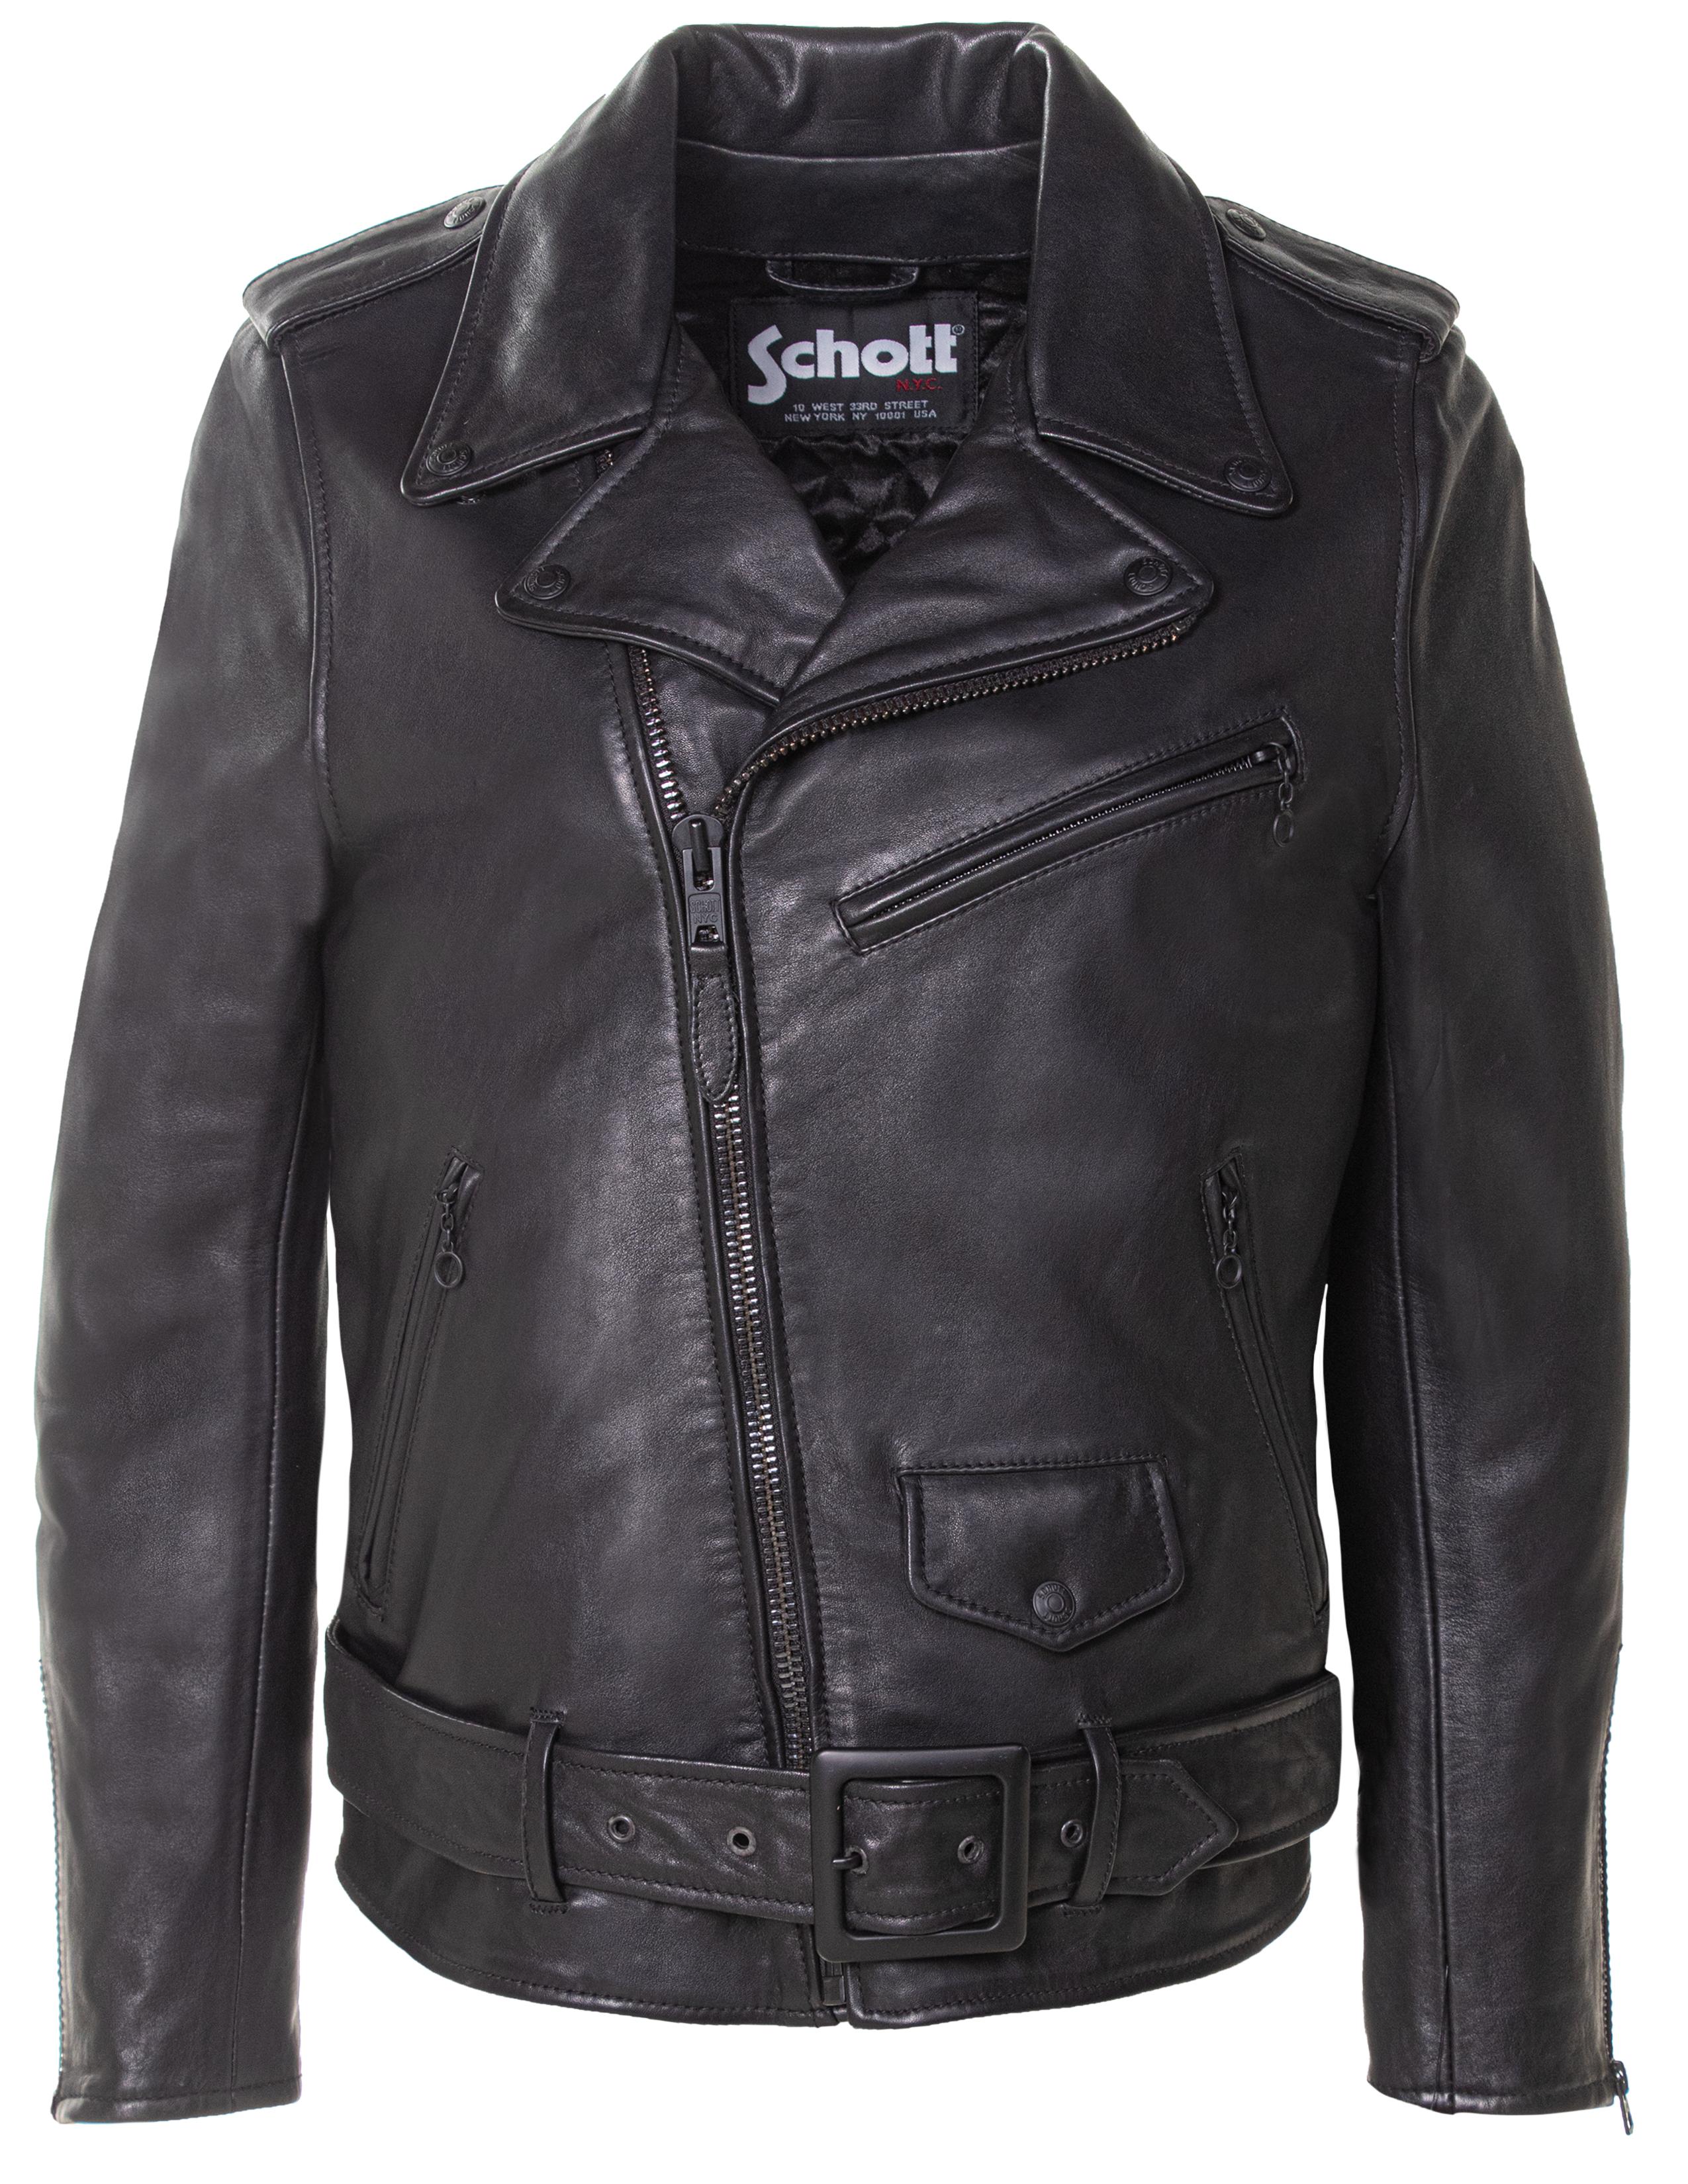 Schott N.Y.C. 518W Women's Oversized Cowhide Motorcyle Jacket